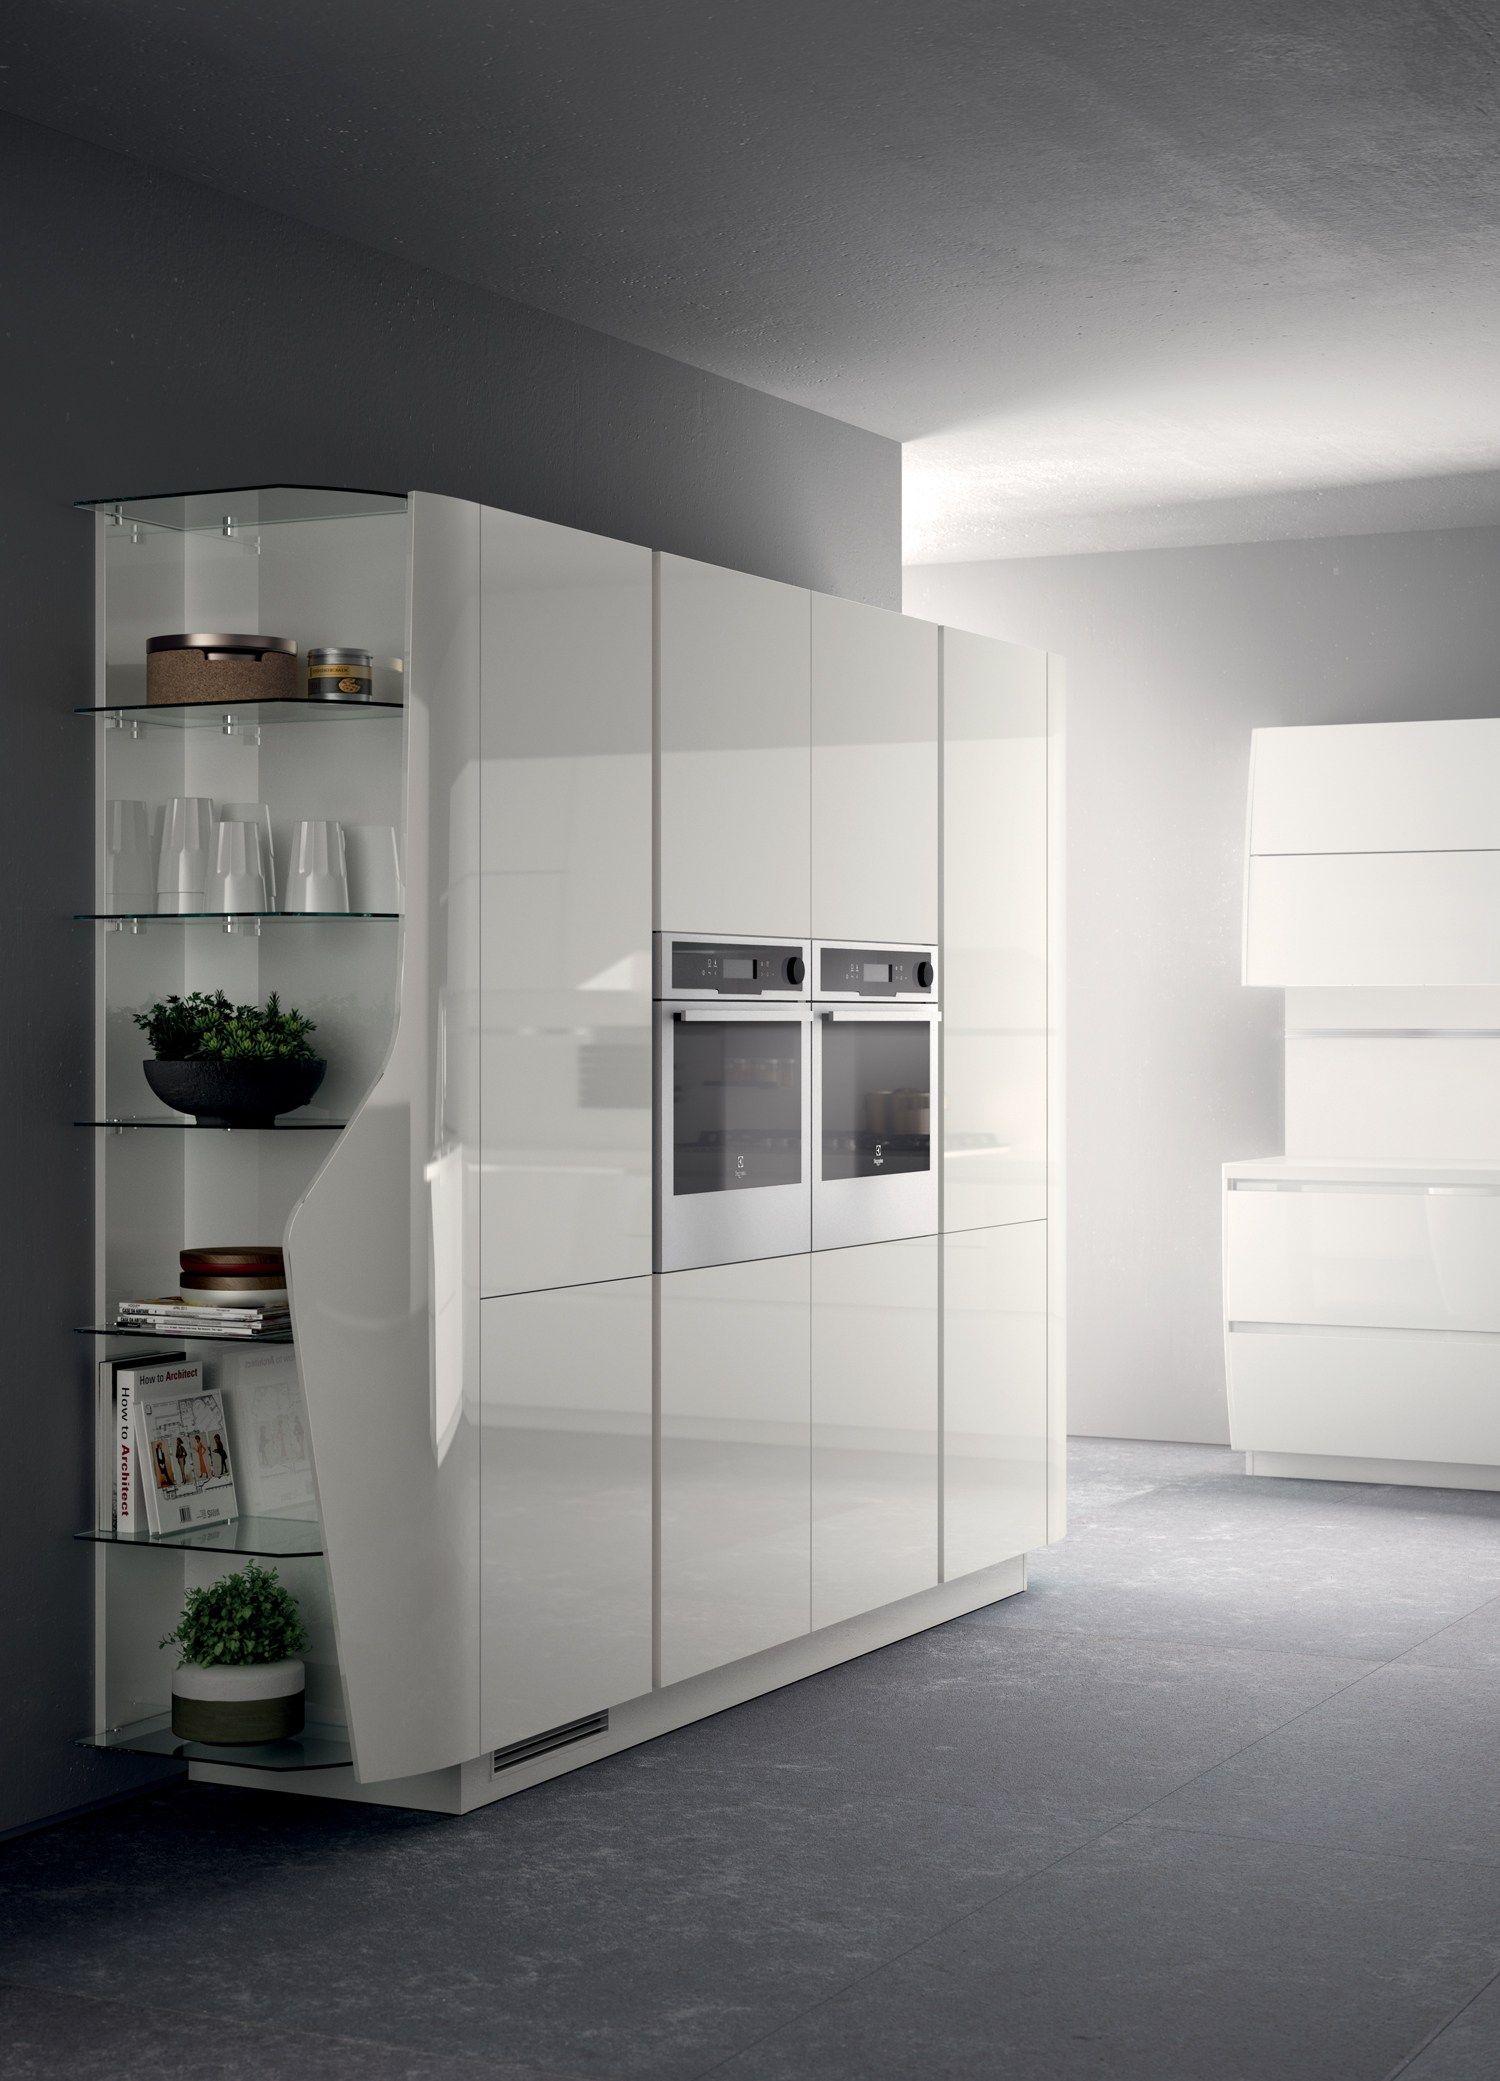 Cucina Componibile Laccata : Cucina componibile laccata flux swing linea scavolini by